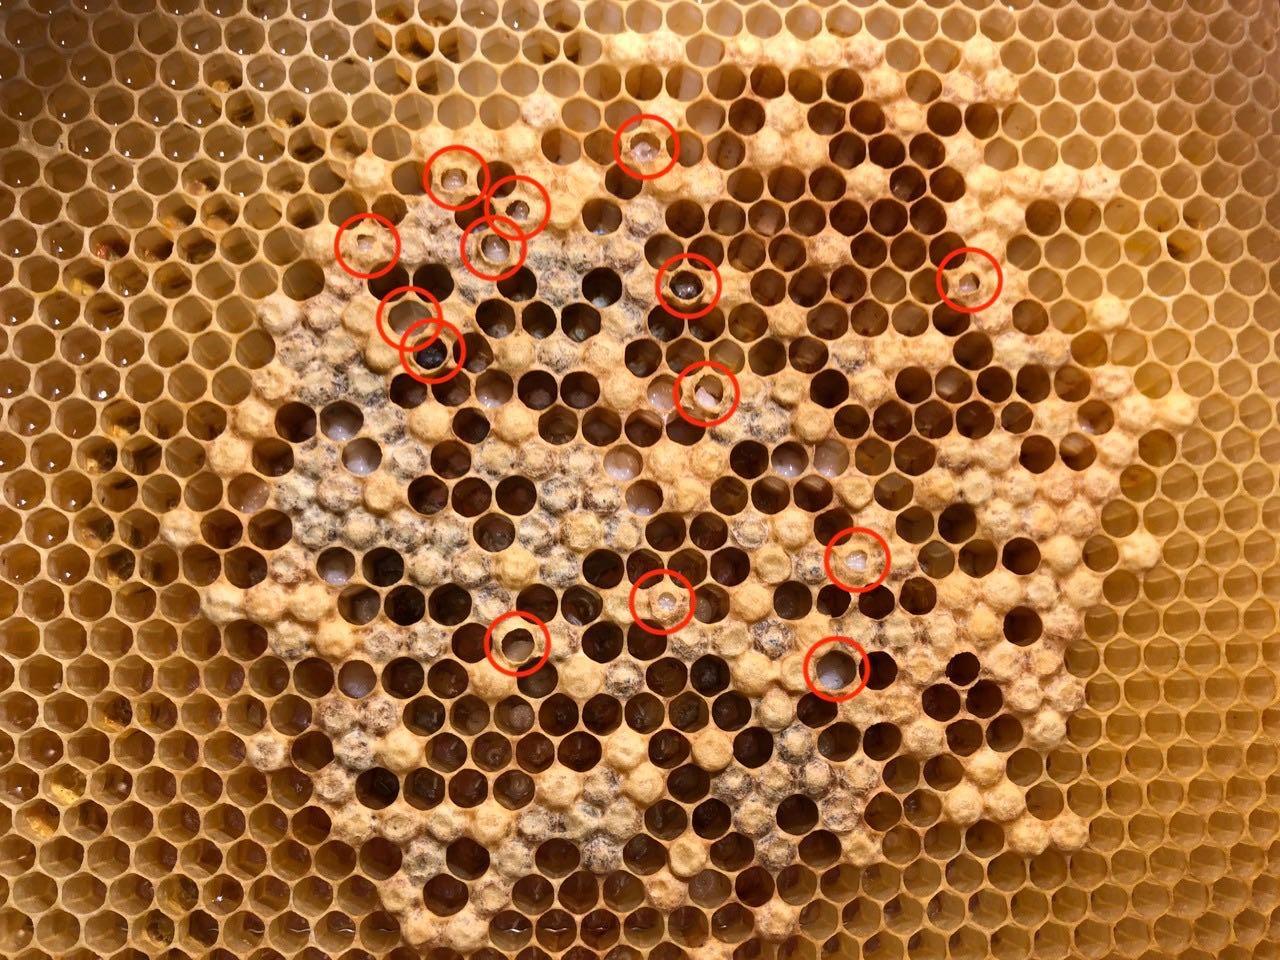 Wir machen mit beim Buckfast VSH Projekt mit dem Ziel, die Bienen nicht mehr behandeln zu müssen.